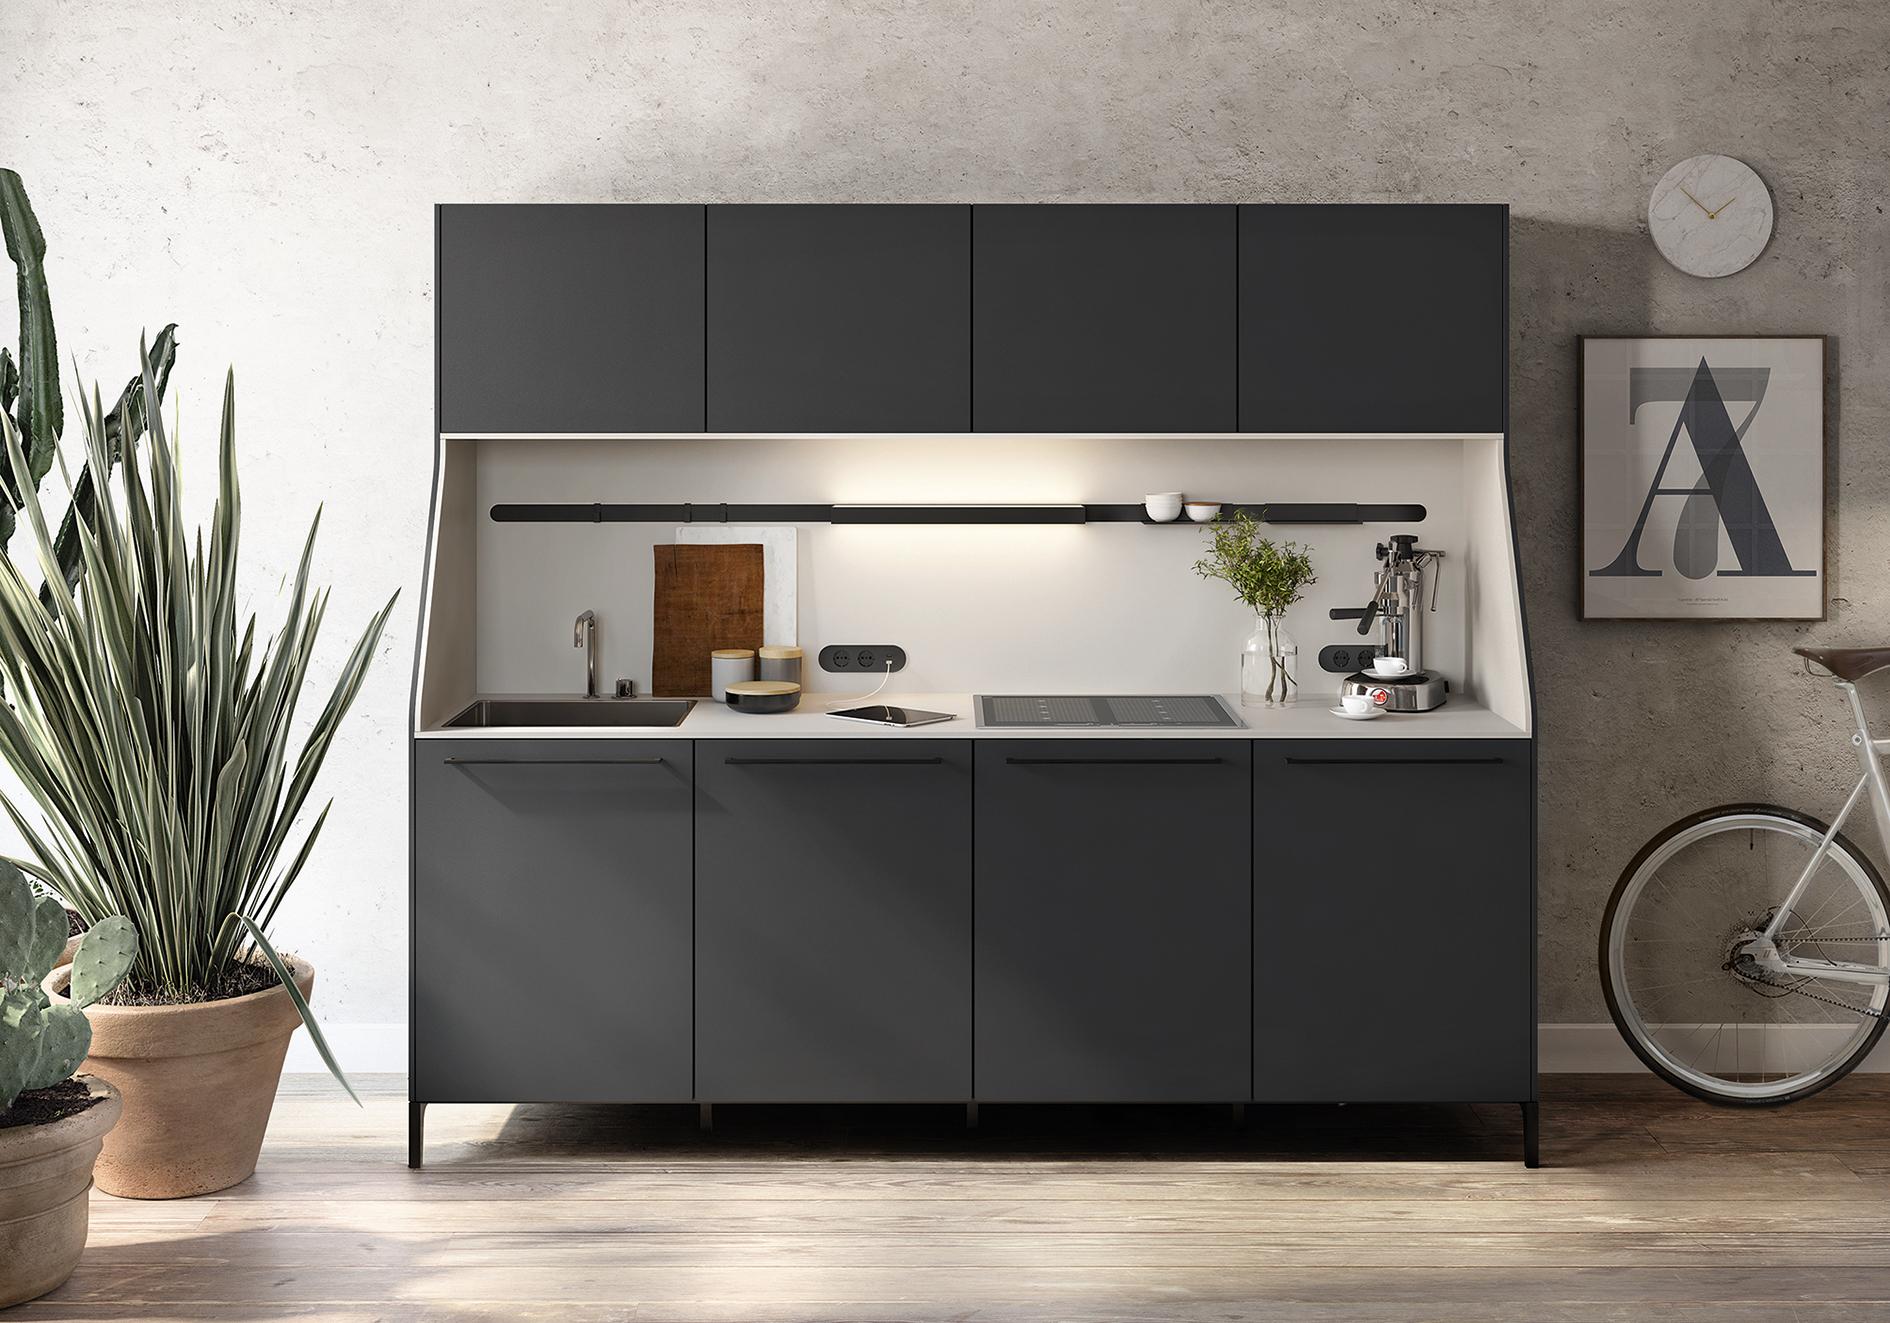 Häufig Kleine Küche: Tipps für die Planung und mehr Stauraum NE71